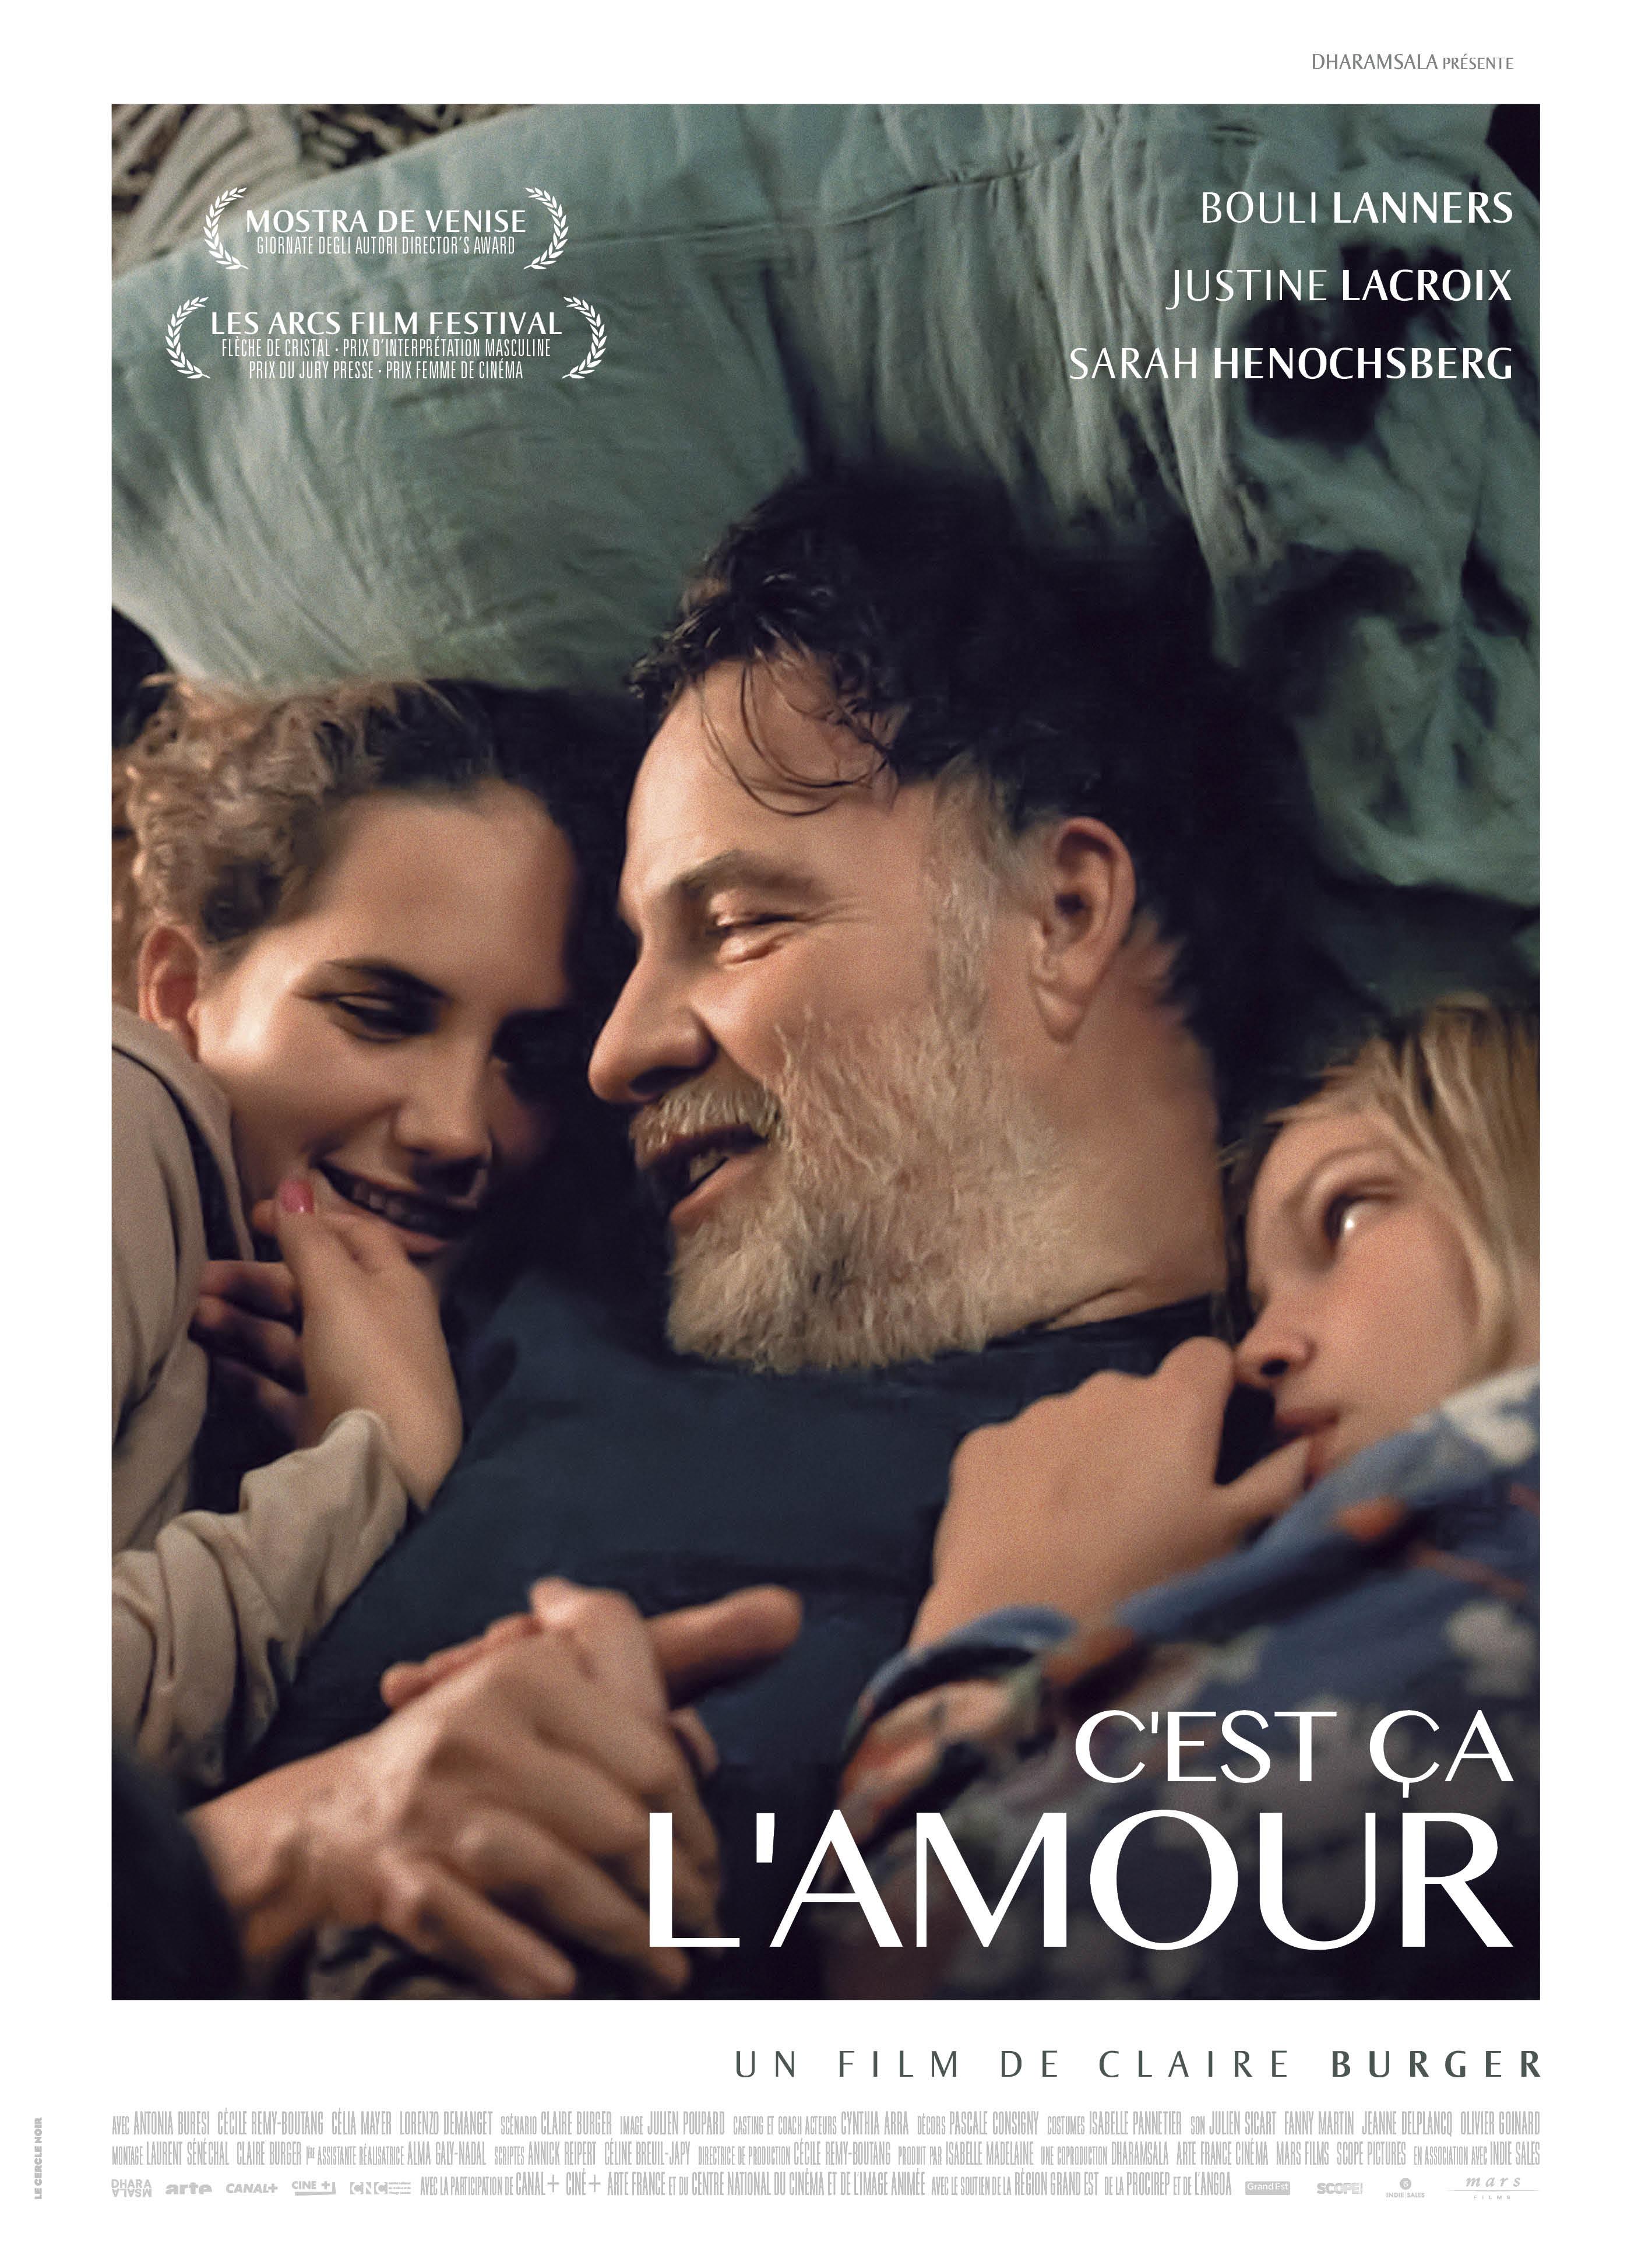 Cest ça Lamour Película 2018 Sensacinecom